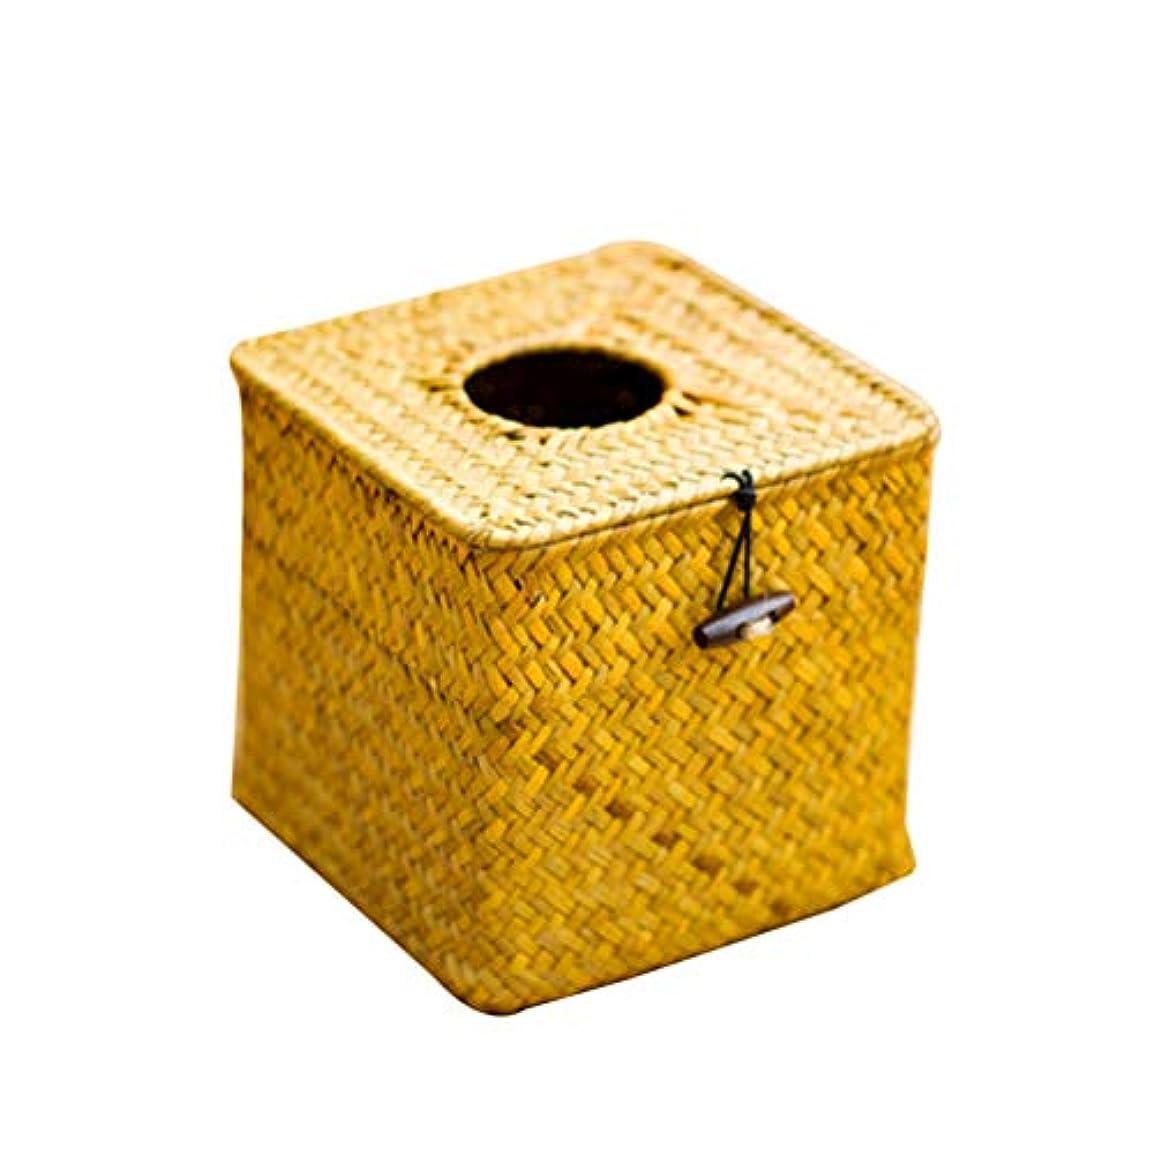 動くラベ勤勉Vosarea ホテルバスルームデスク用ペーパーティッシュナプキン手織りシーグラスボックスホルダーカバー(ブラック+最小販売5pcs)イエロー